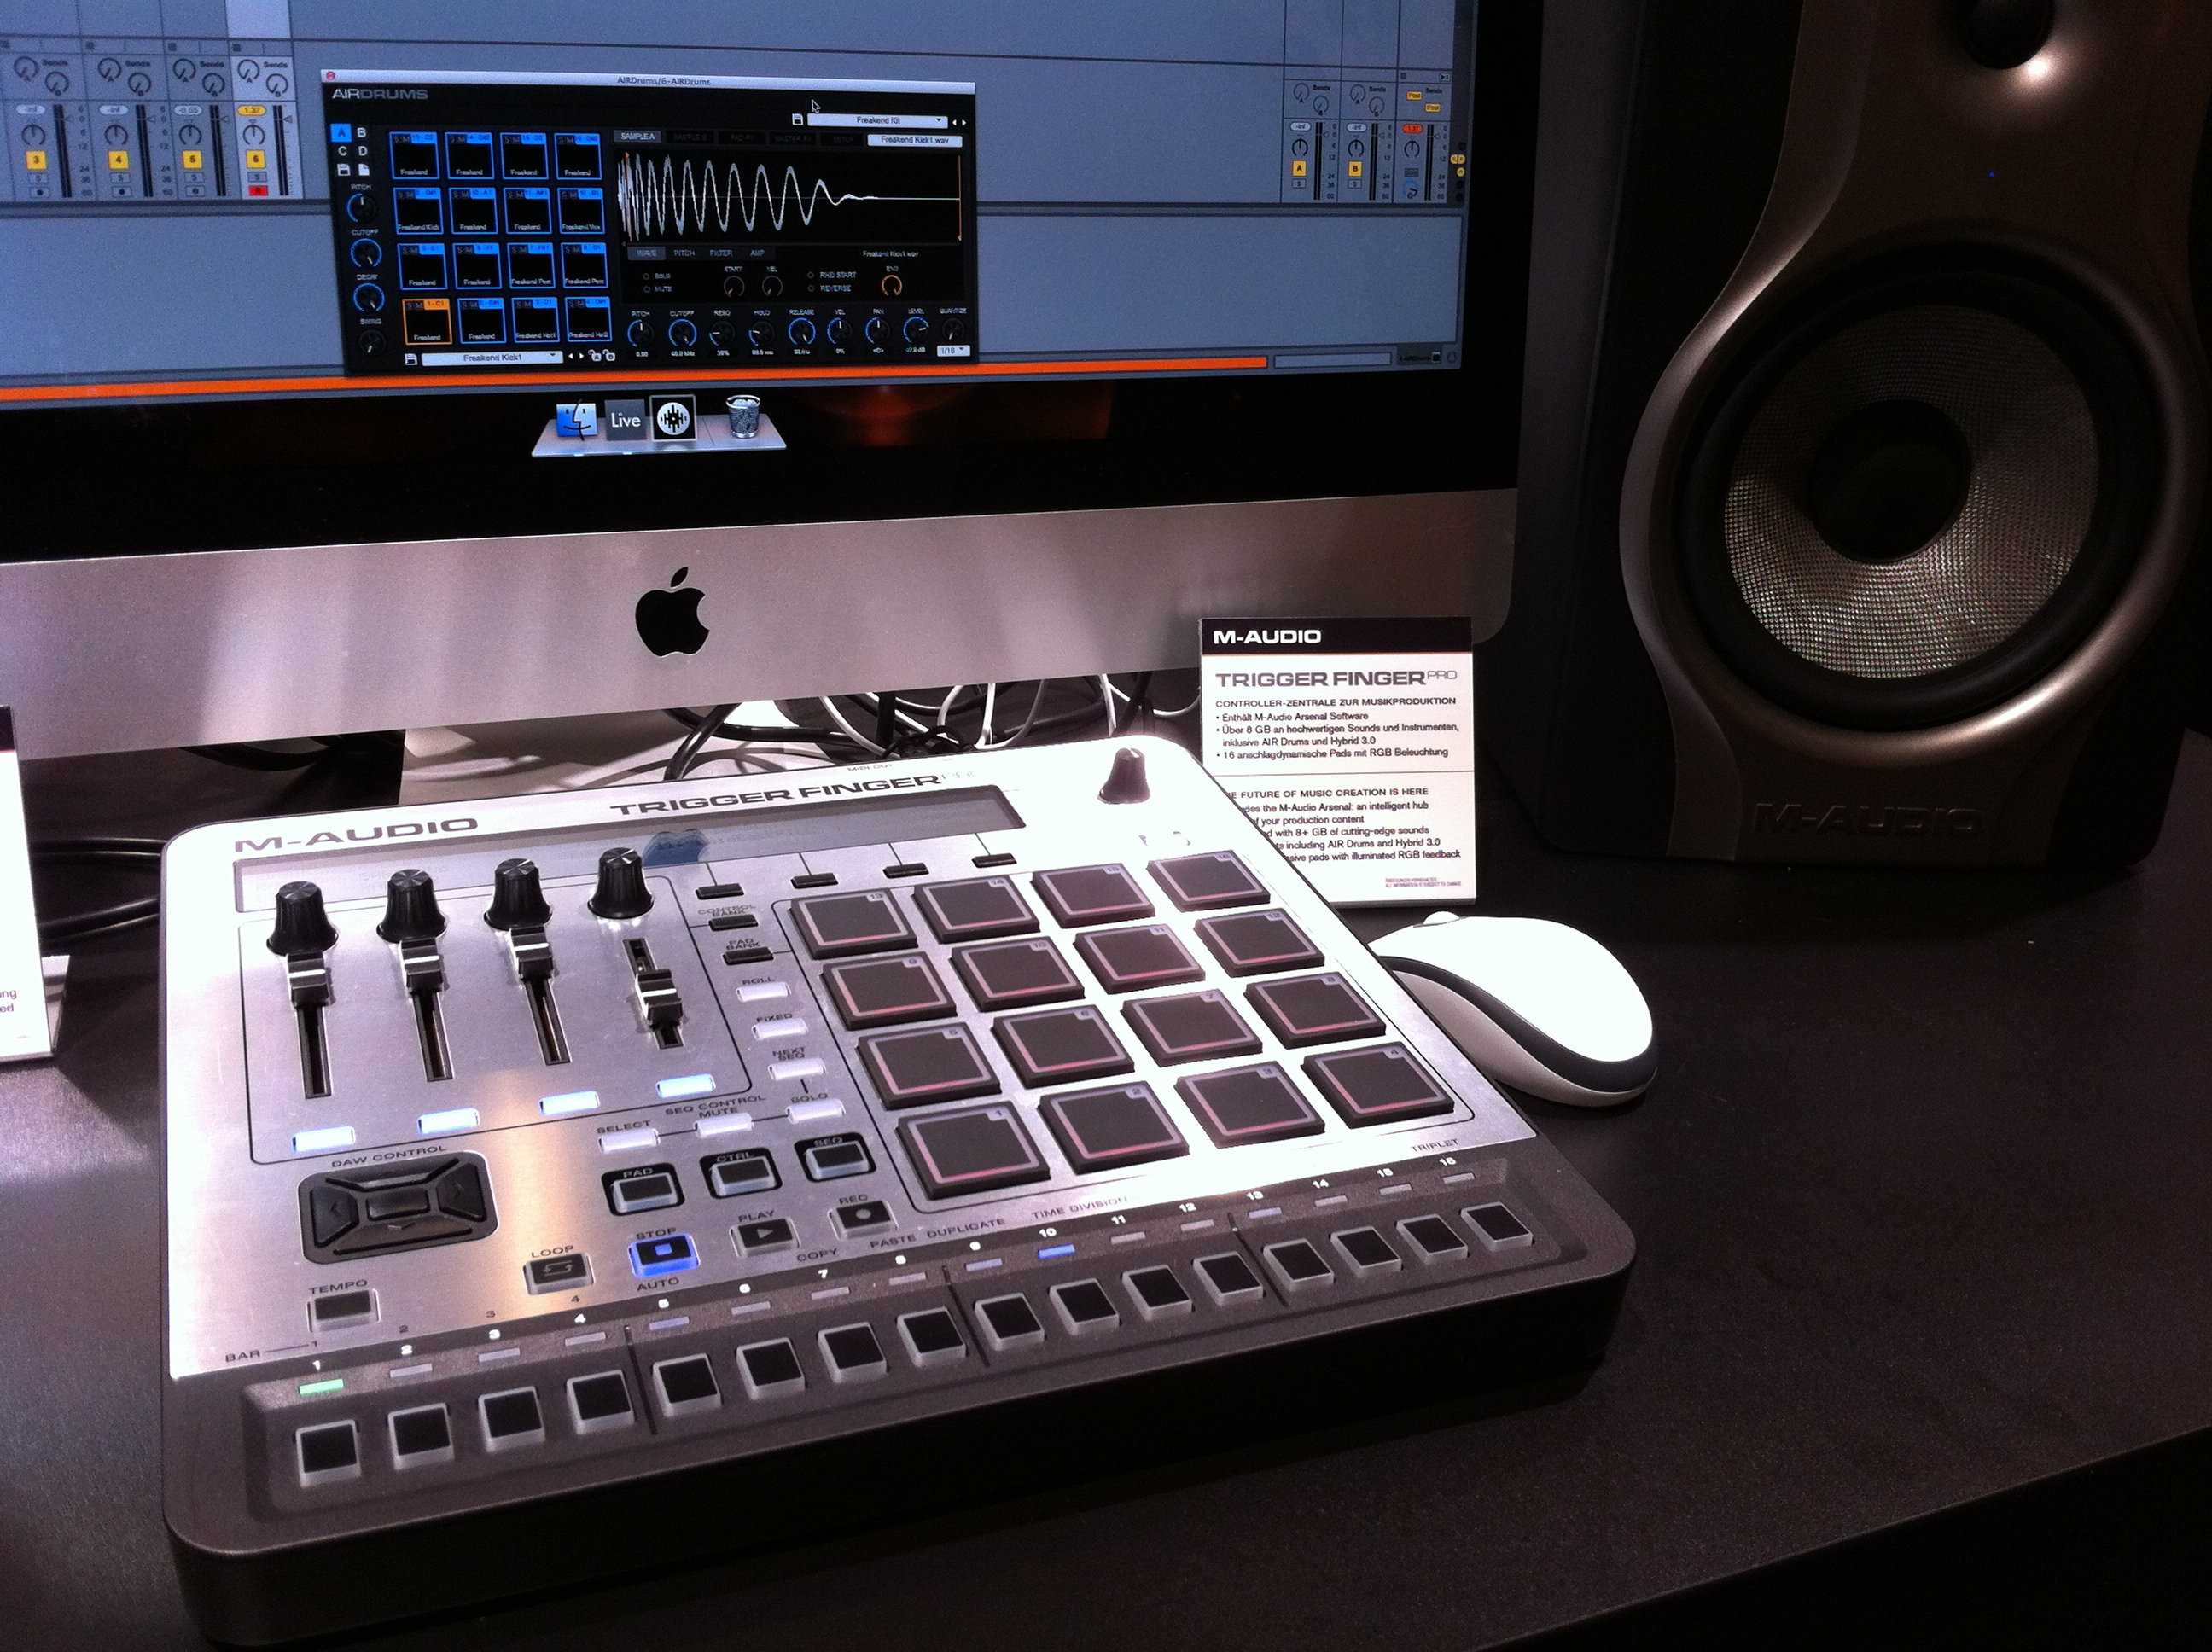 M-Audio-TriggerFingerPro